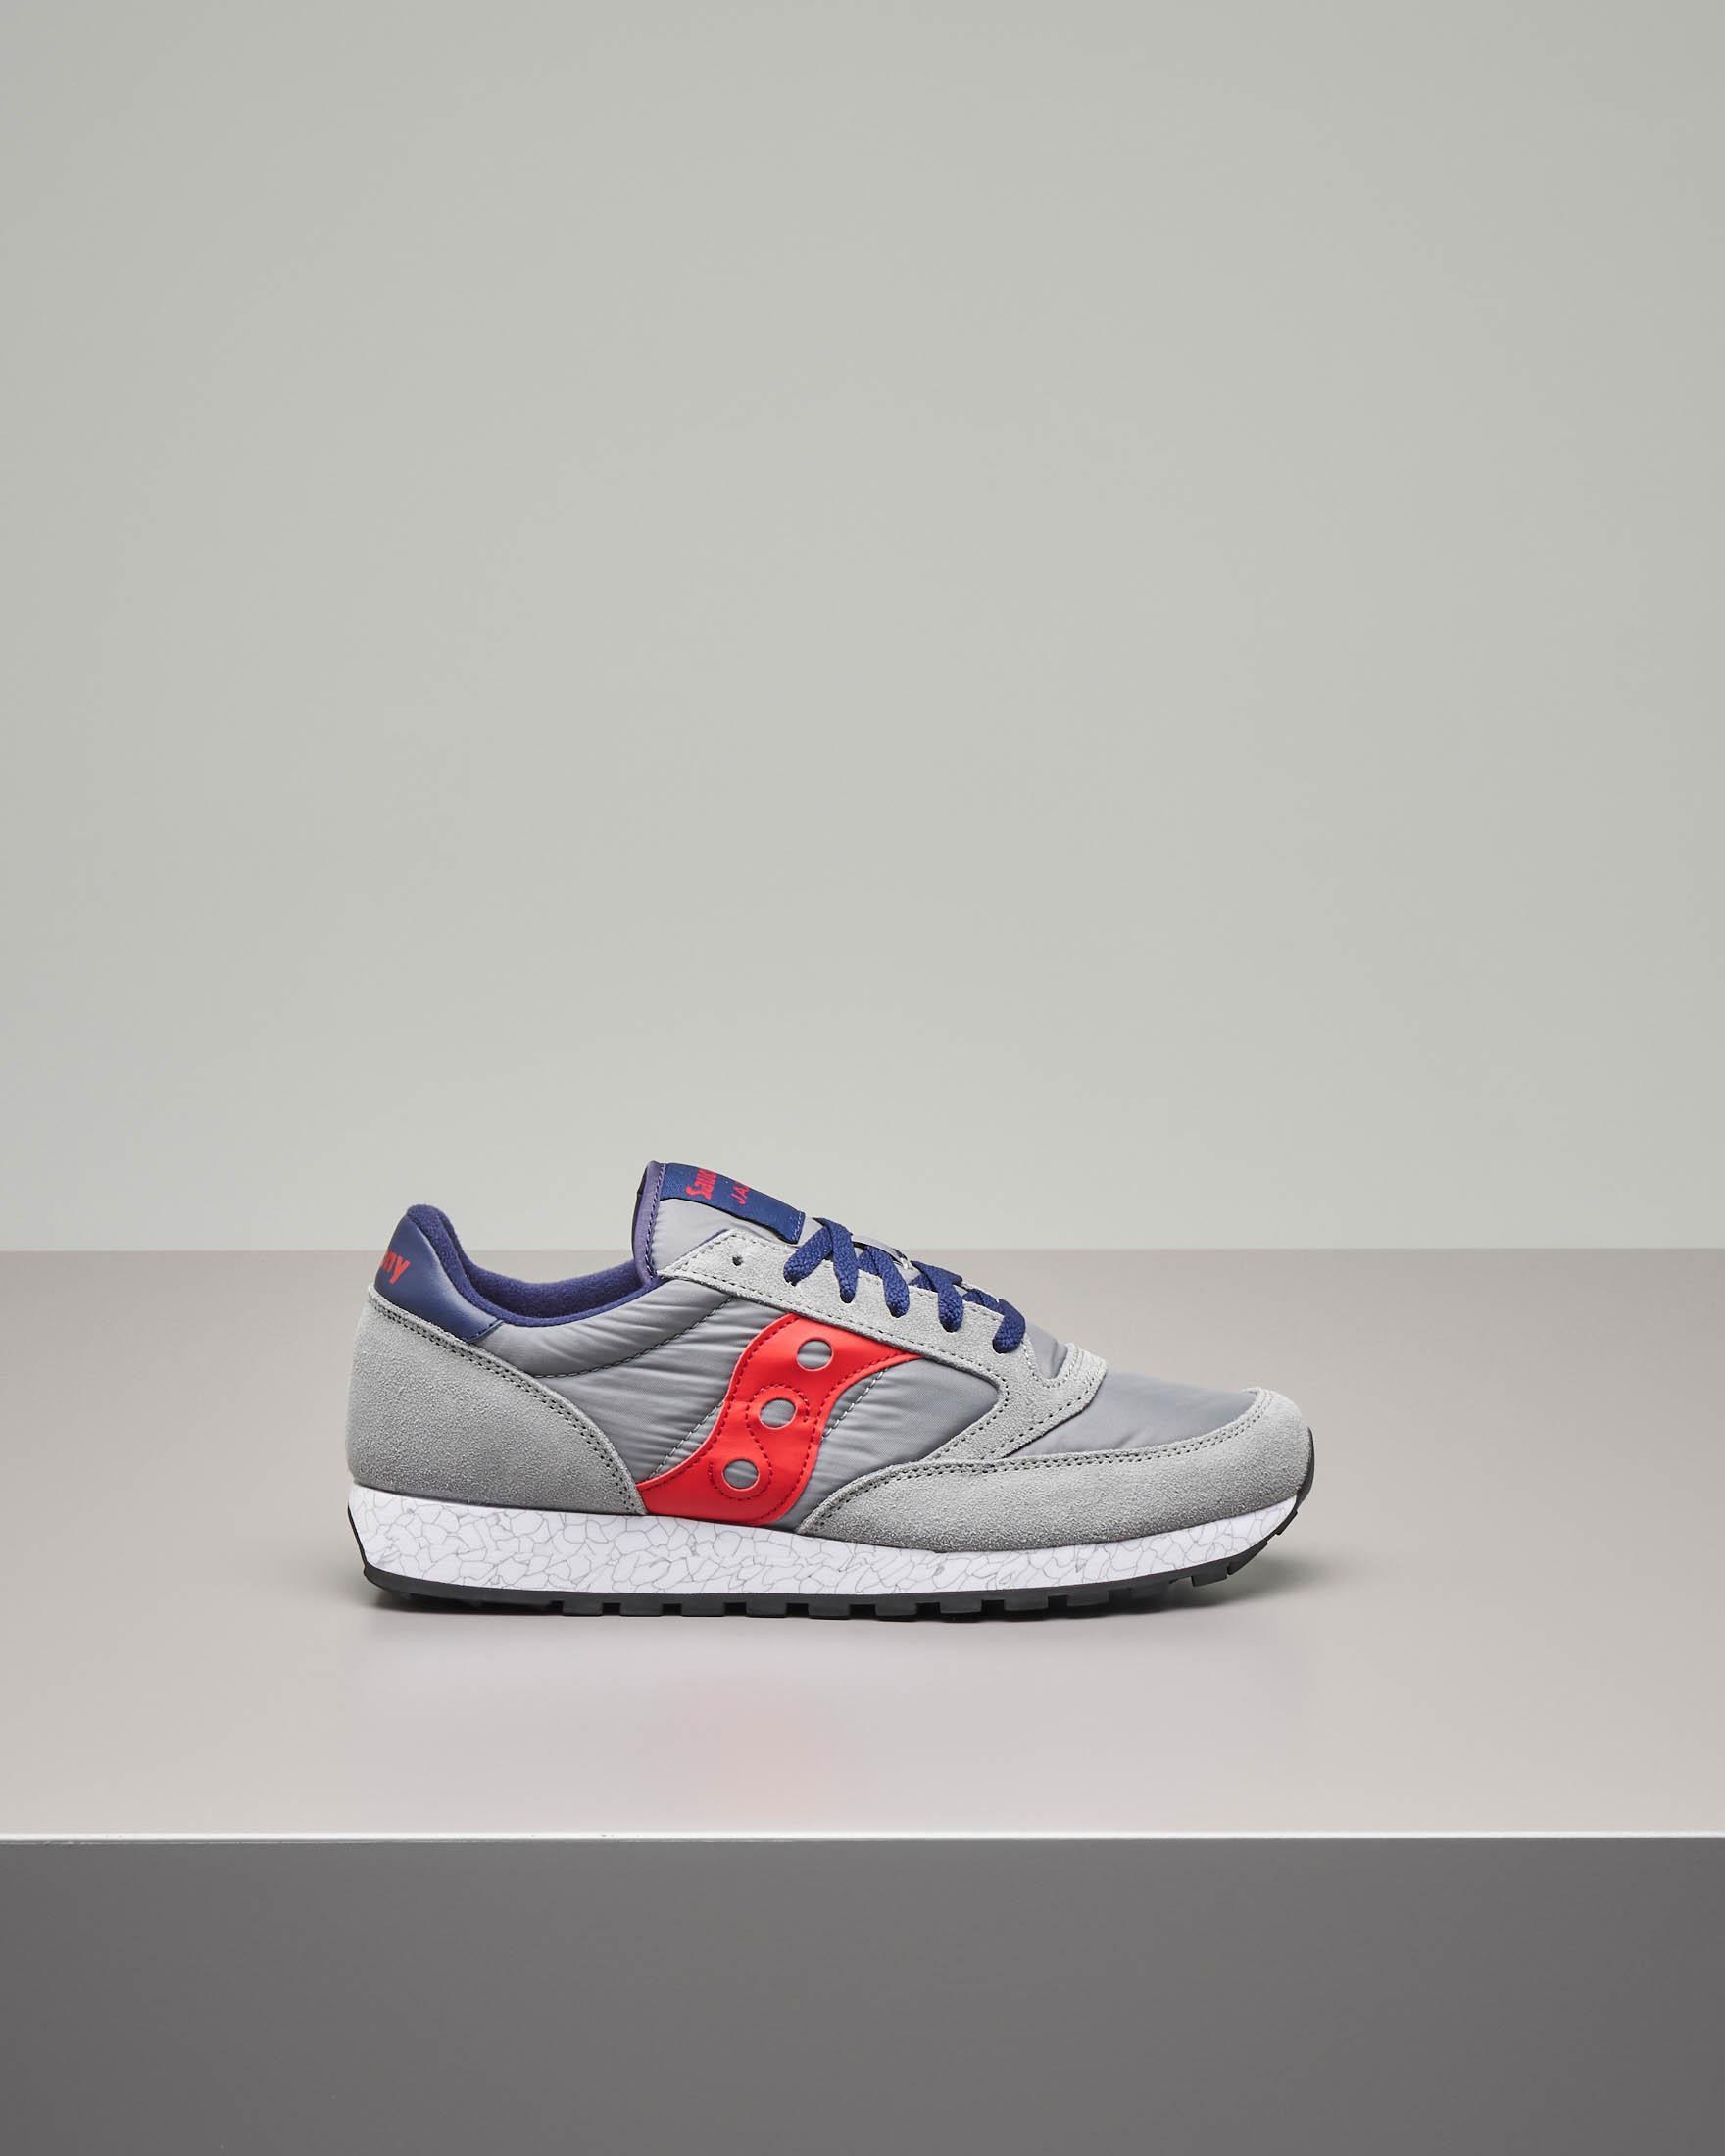 Sneakers Jazz O' grigie e rosse